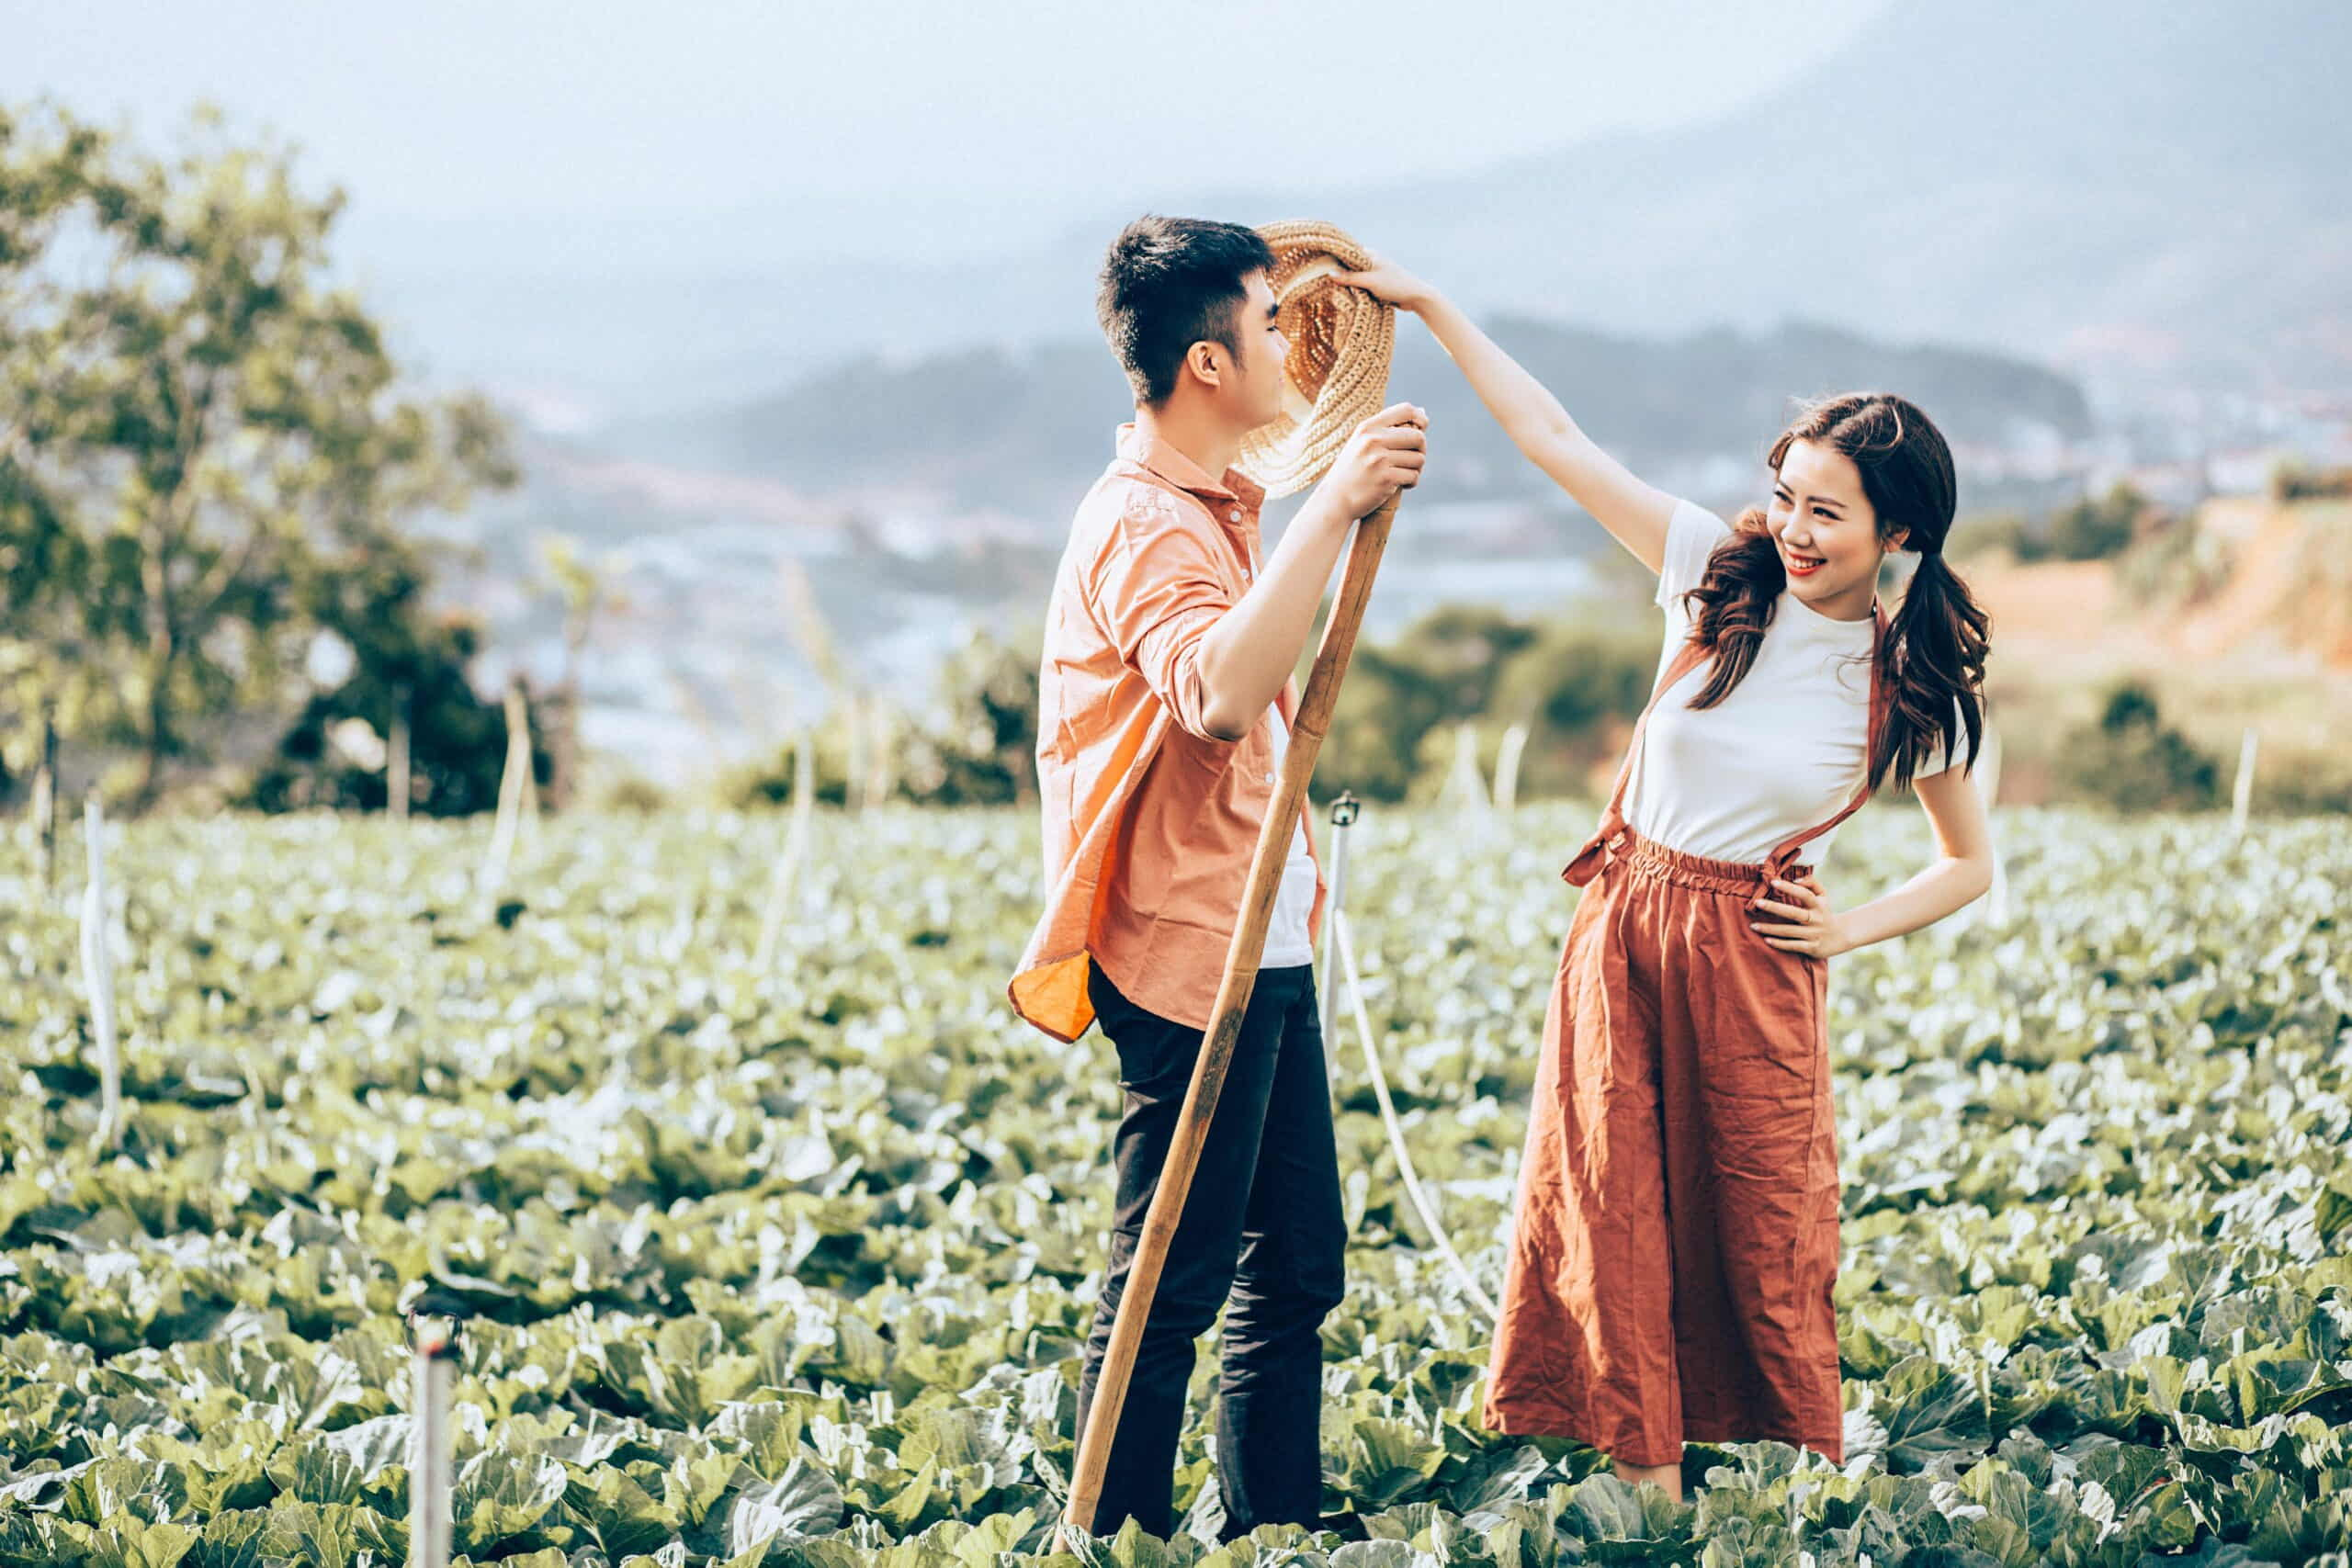 studio chụp ảnh đẹp ở Hà Nội